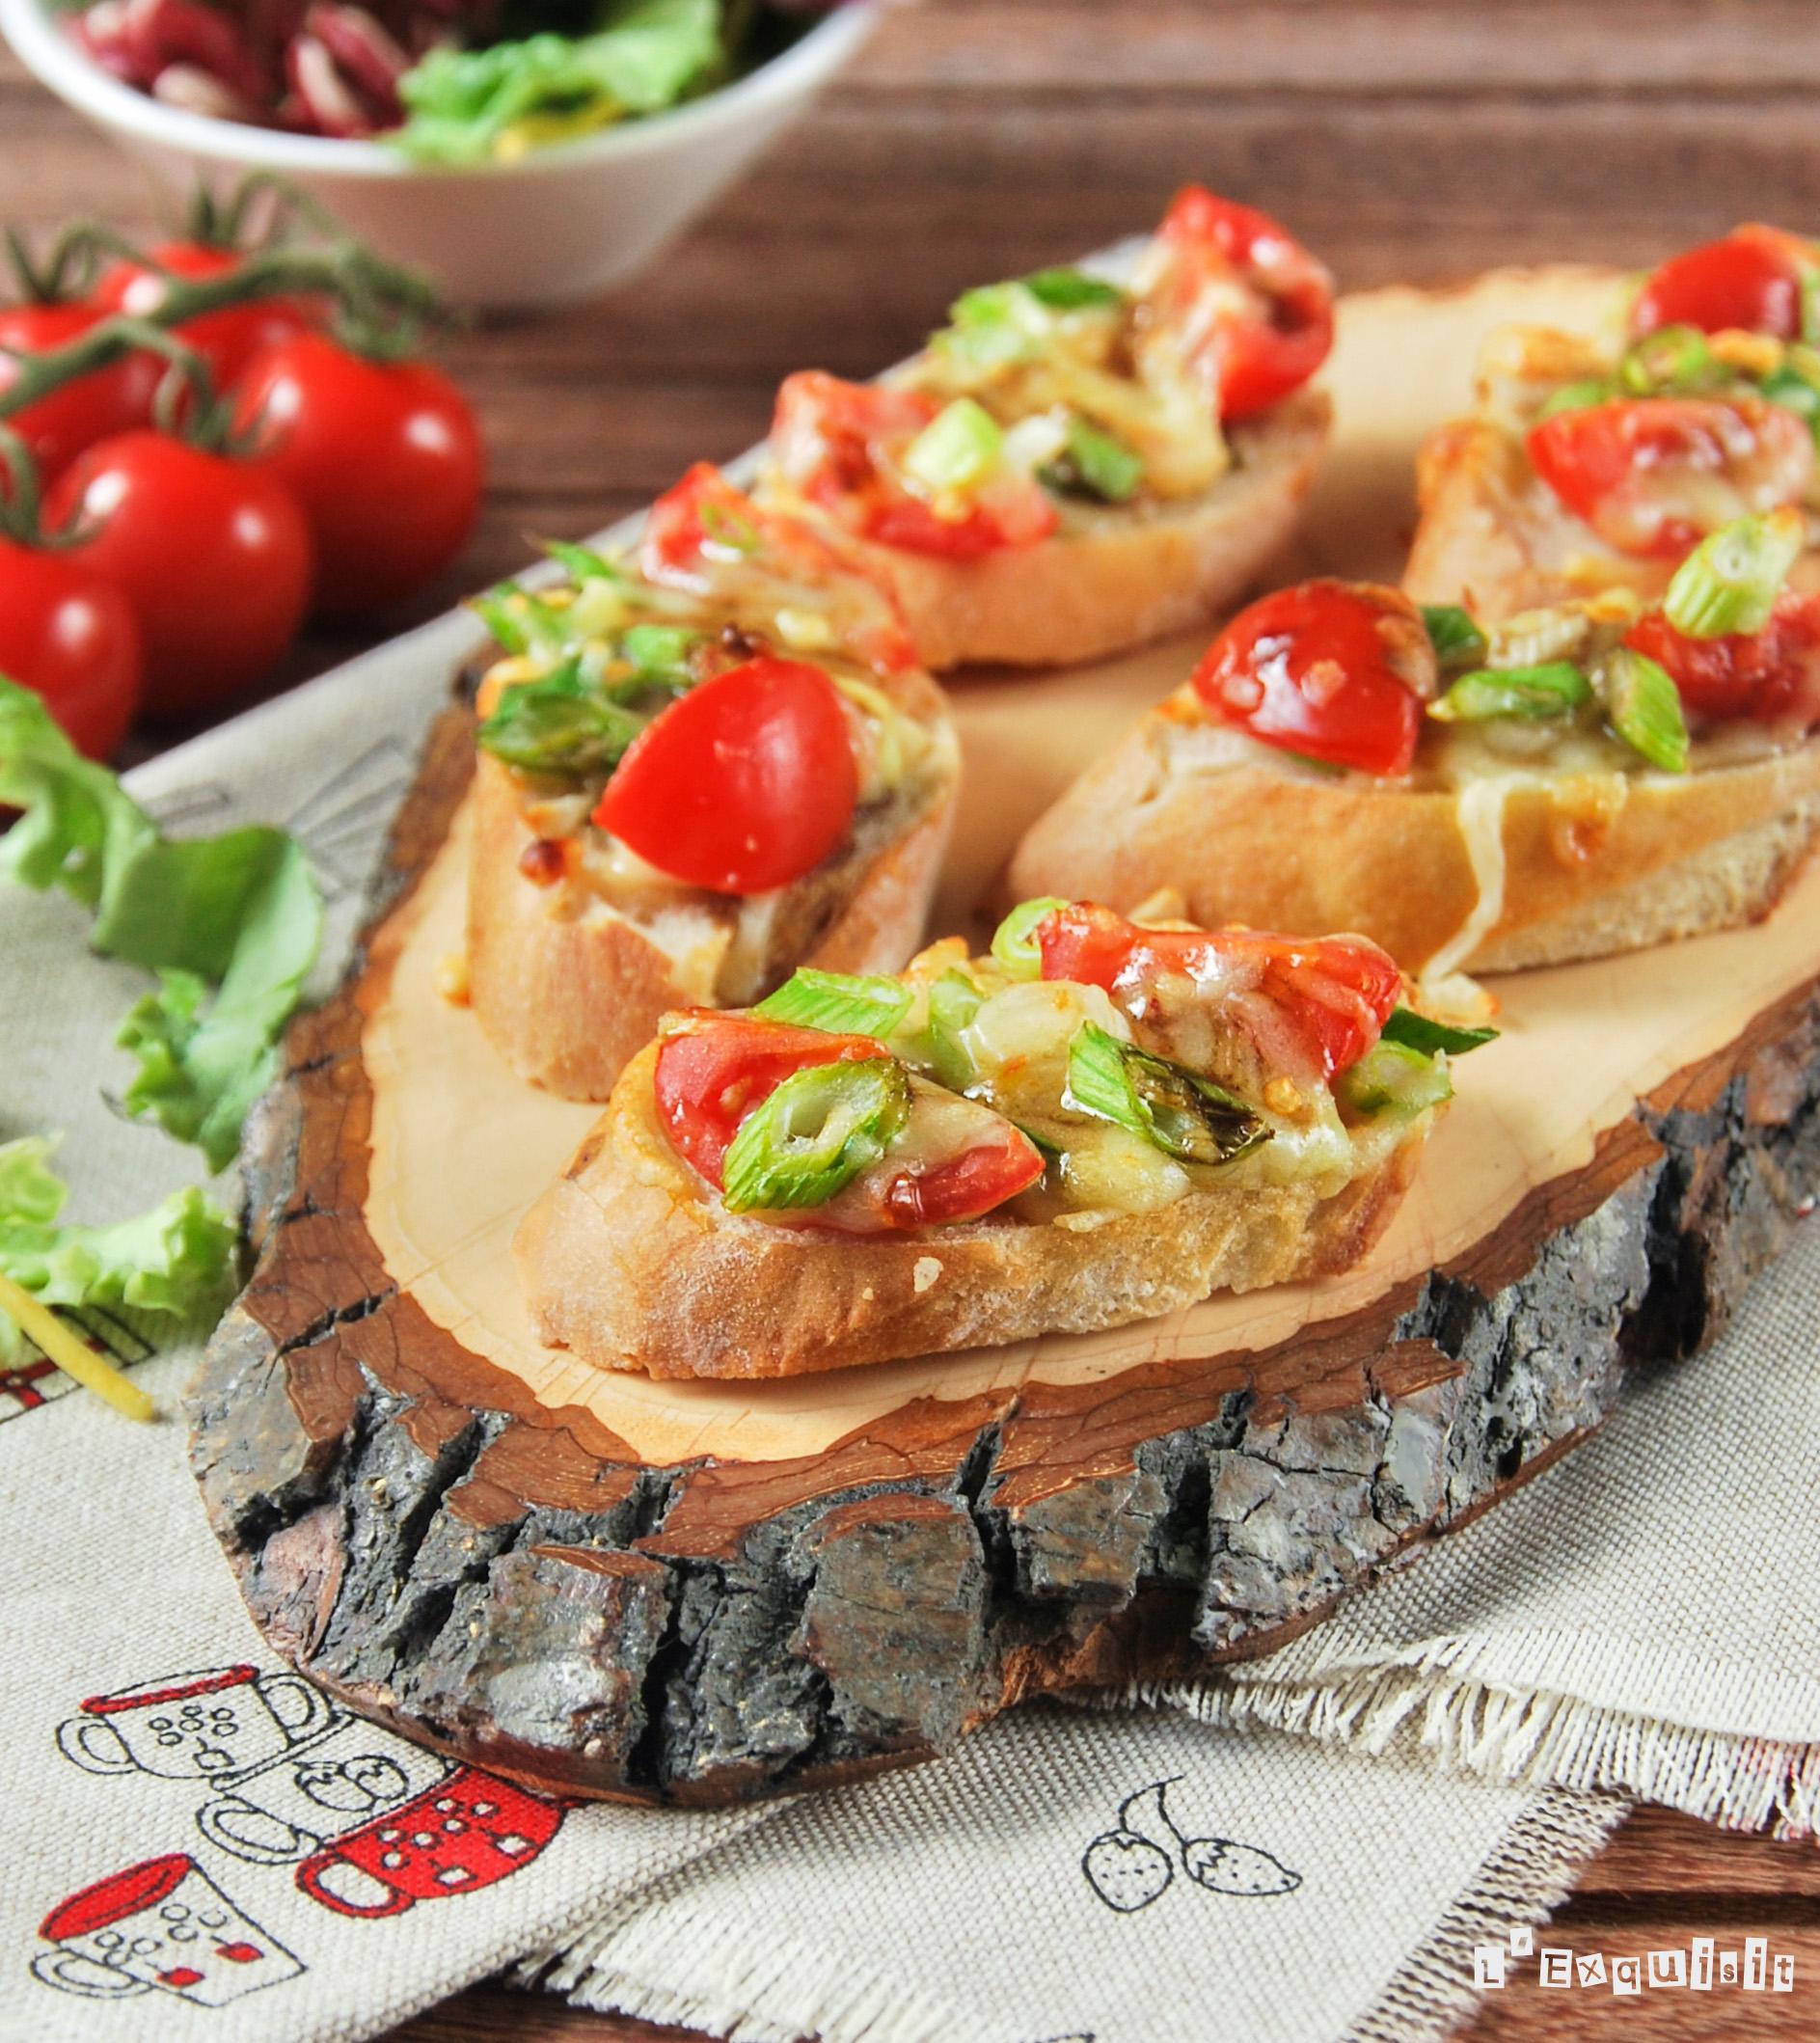 Tostada picante de queso y tomatitos